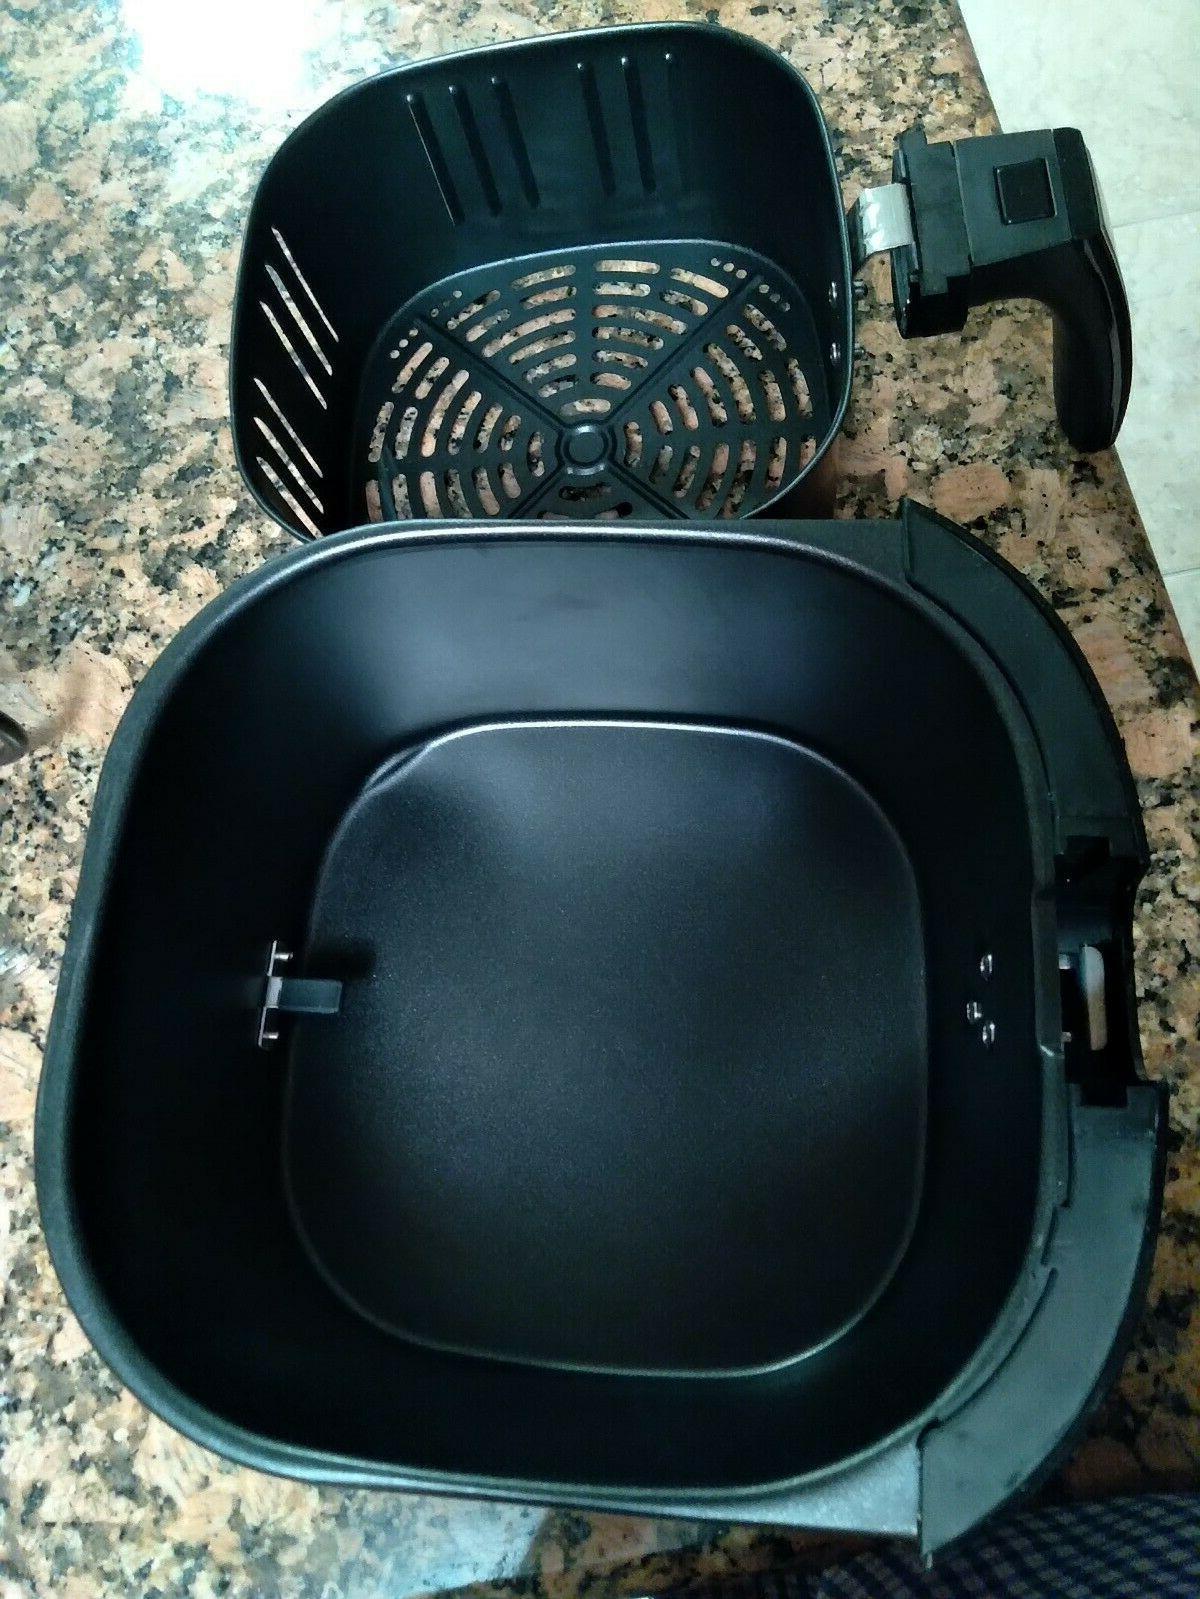 Maxi-Matic Elite 3.2 Quart Electric Air Fryer...